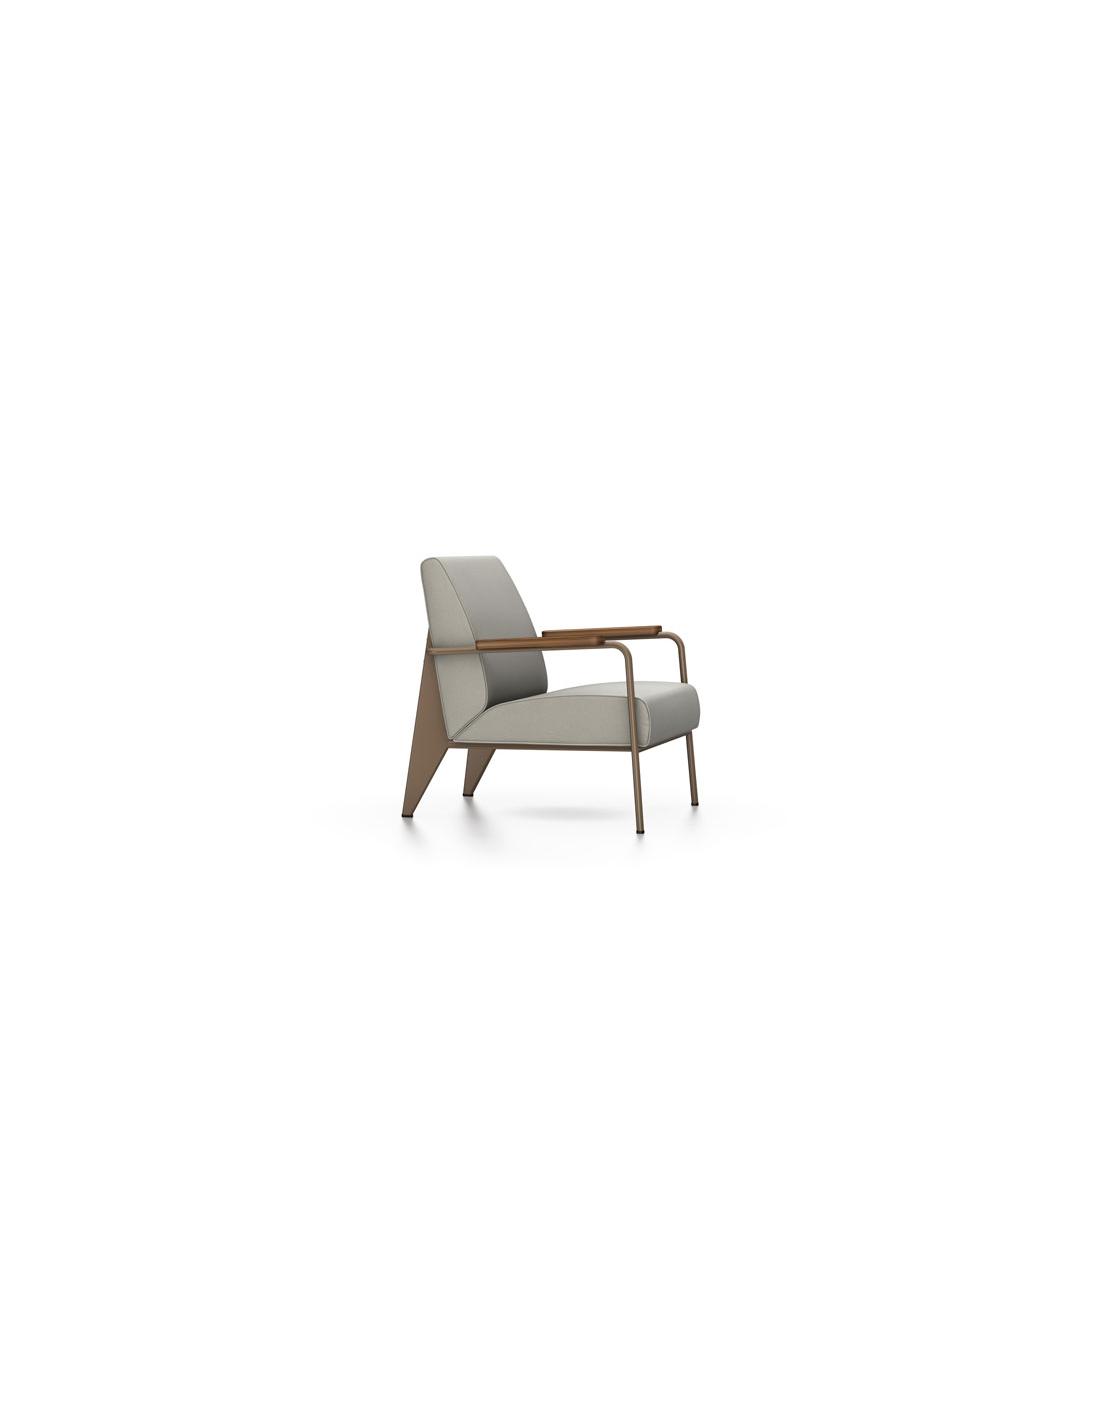 Sessel fauteuil de salon cite vitra betz designm for Fauteuil design vitra